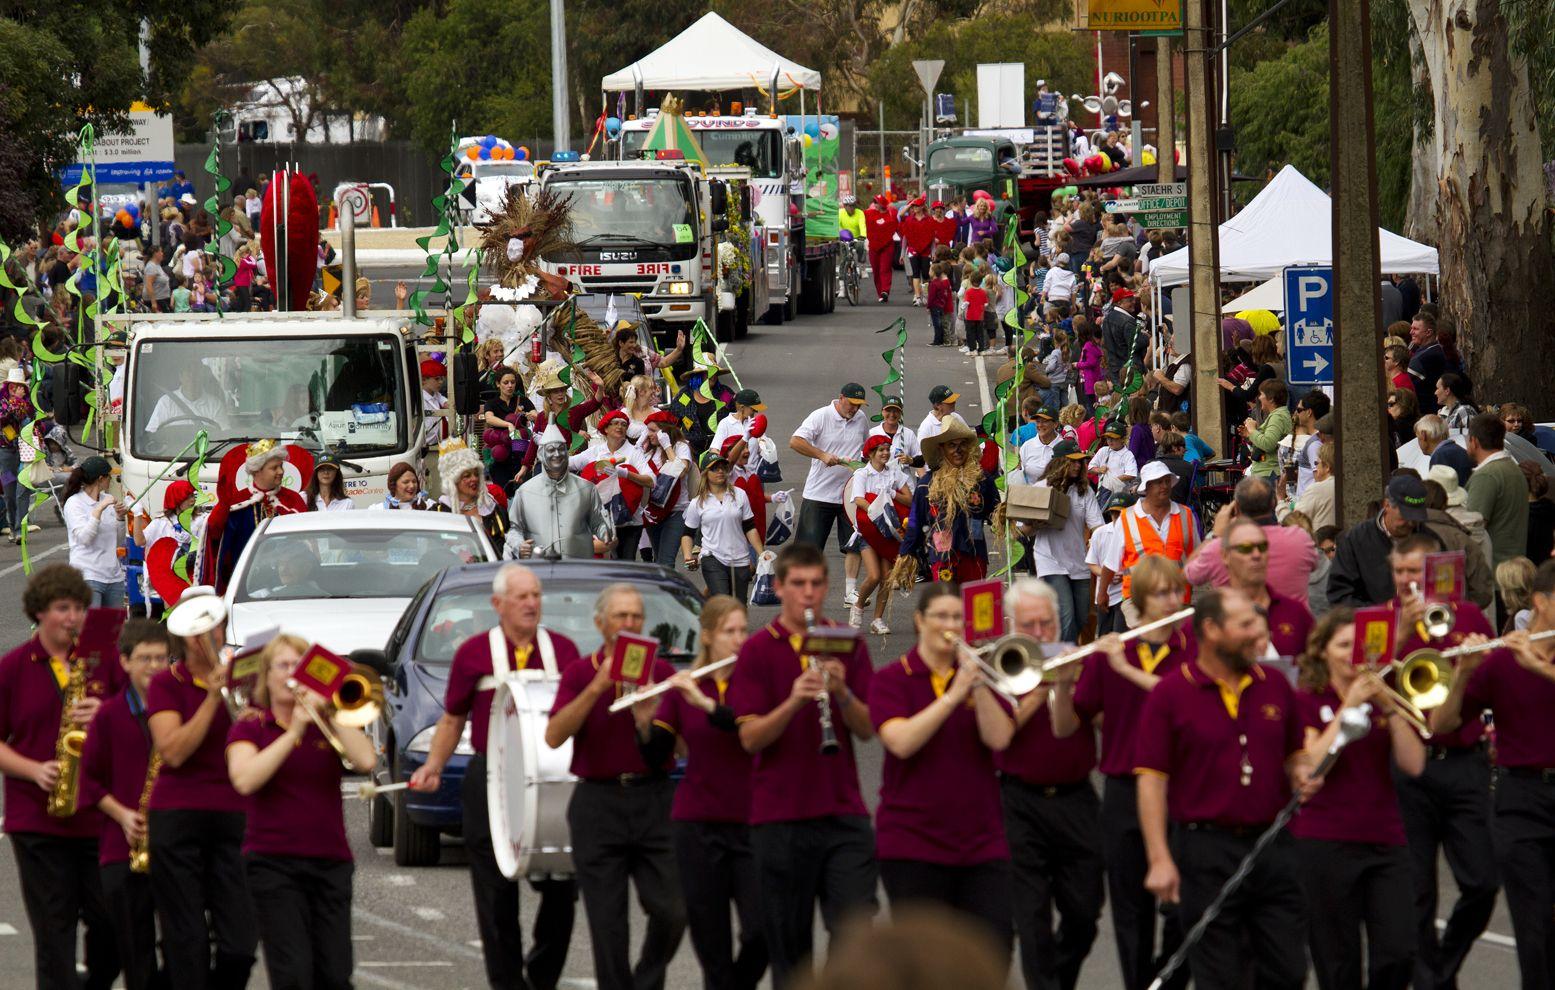 festival parade vintage barossa